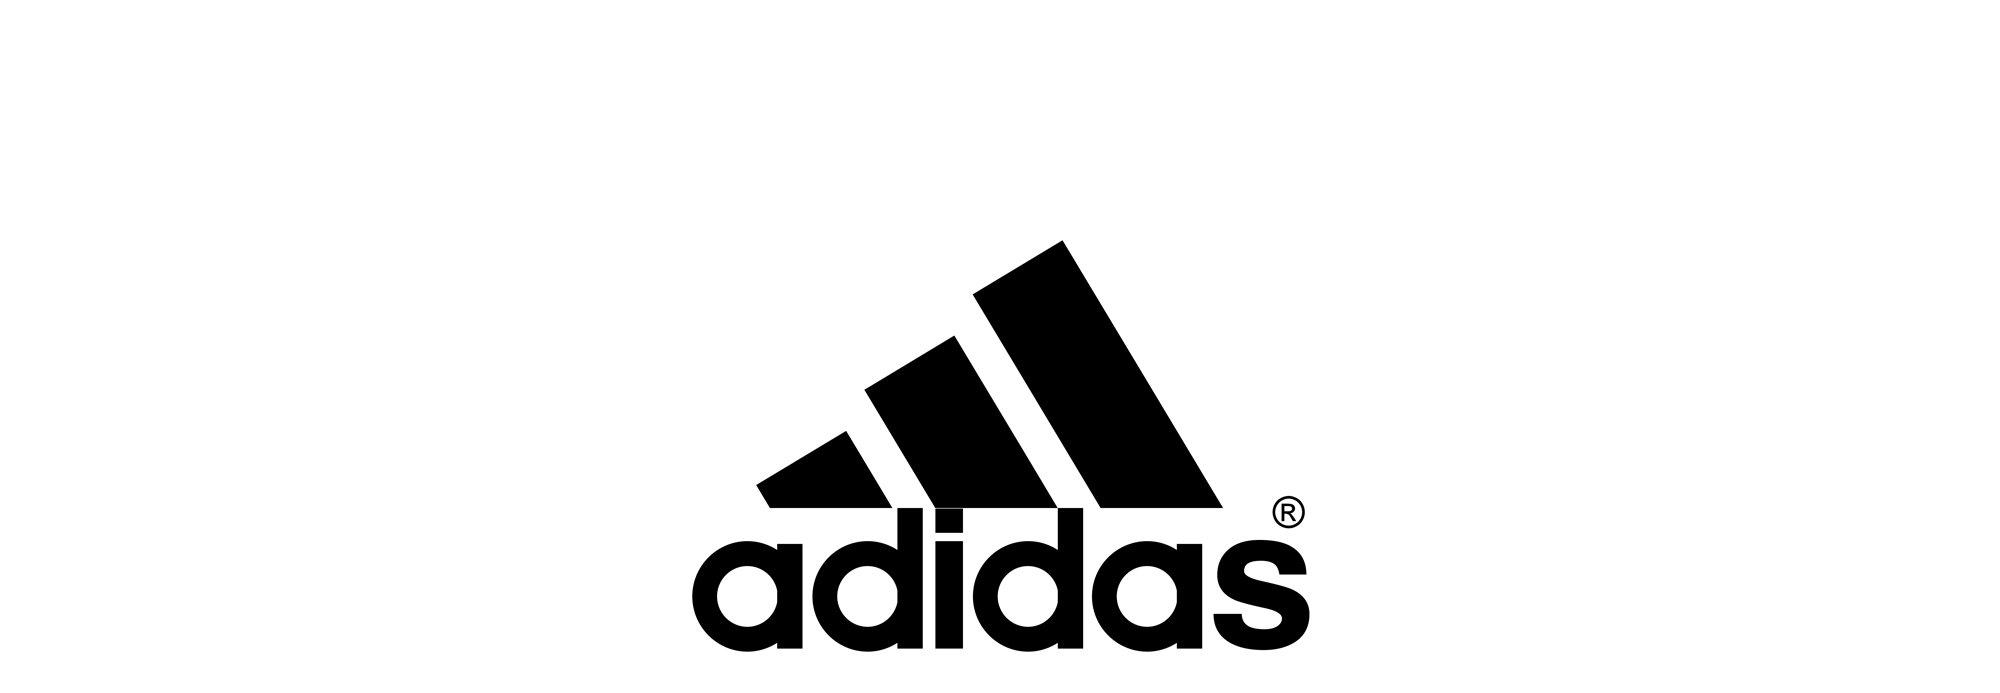 adidas - Shop All